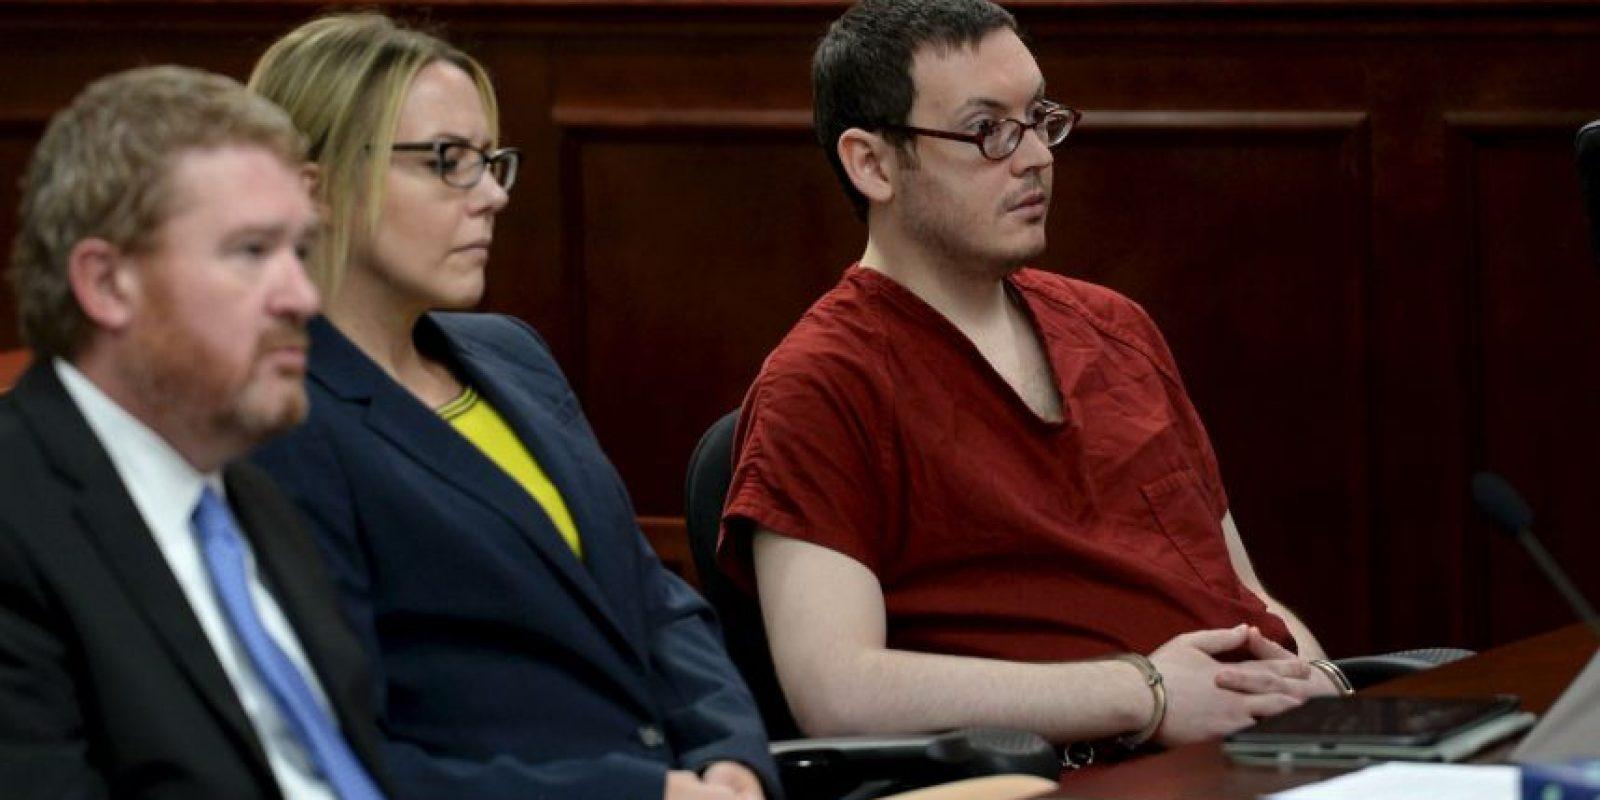 El juez Carlos A Samour Jr fue quién dictó la sentencia. Foto:AP